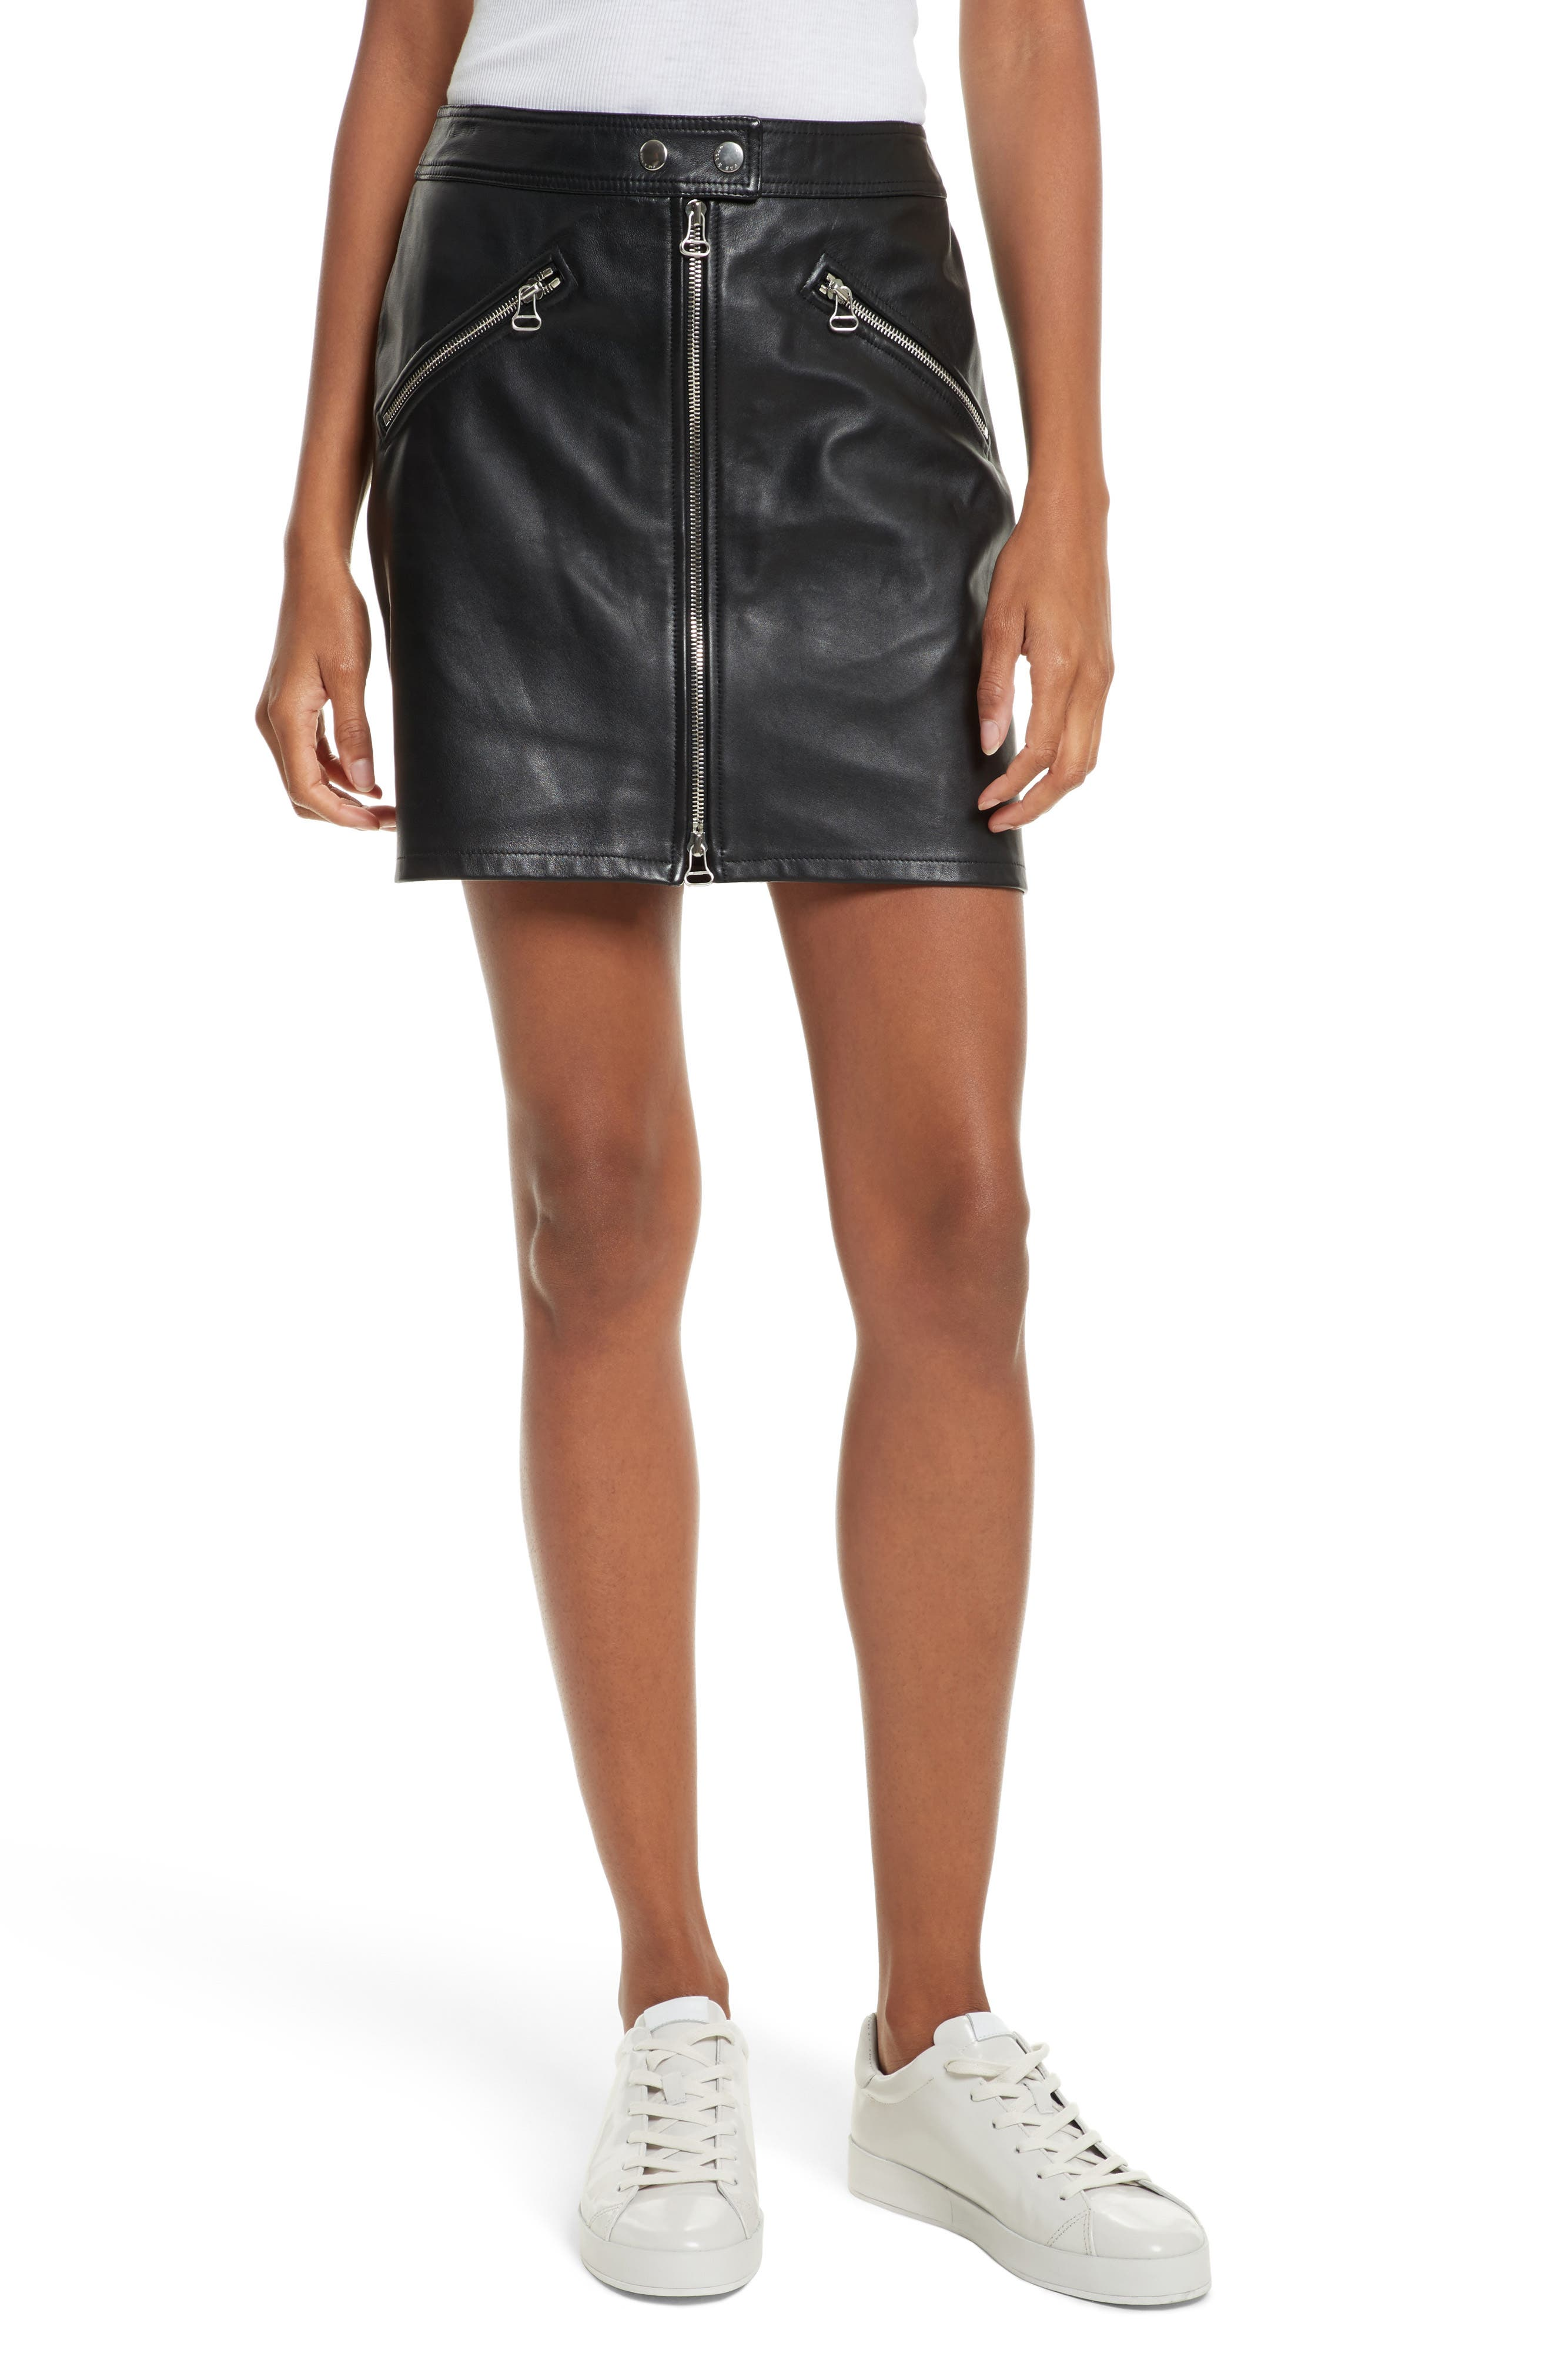 Alternate Image 1 Selected - rag & bone/JEAN Racer Leather Miniskirt